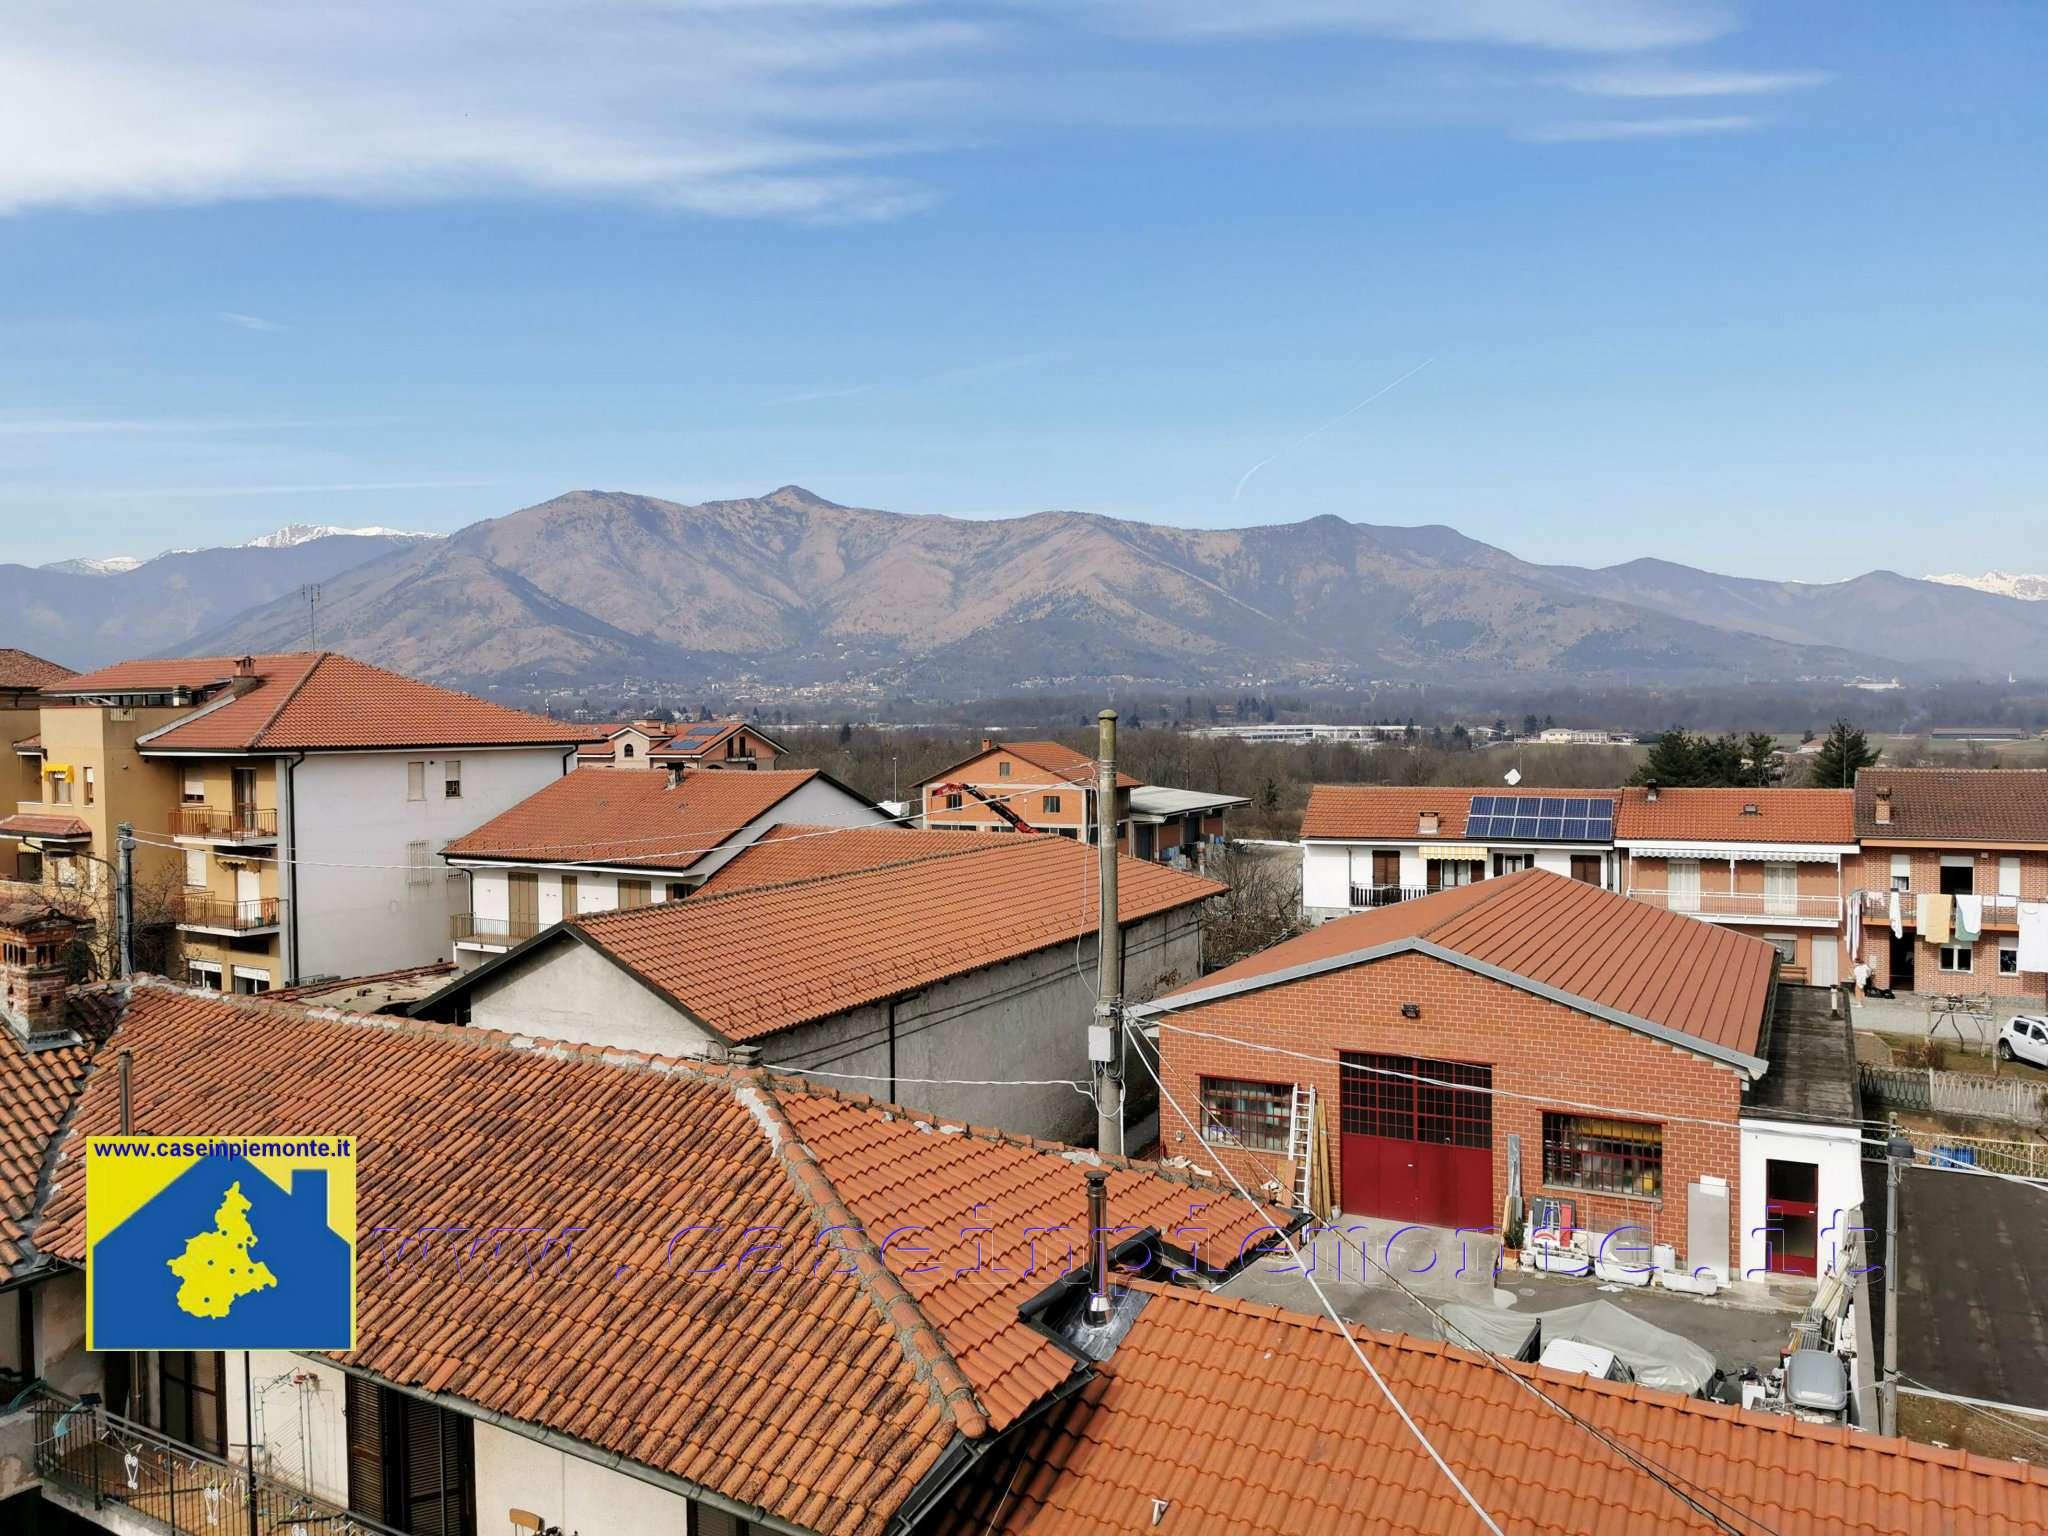 Appartamento in vendita a San Gillio, 5 locali, prezzo € 99.000 | PortaleAgenzieImmobiliari.it